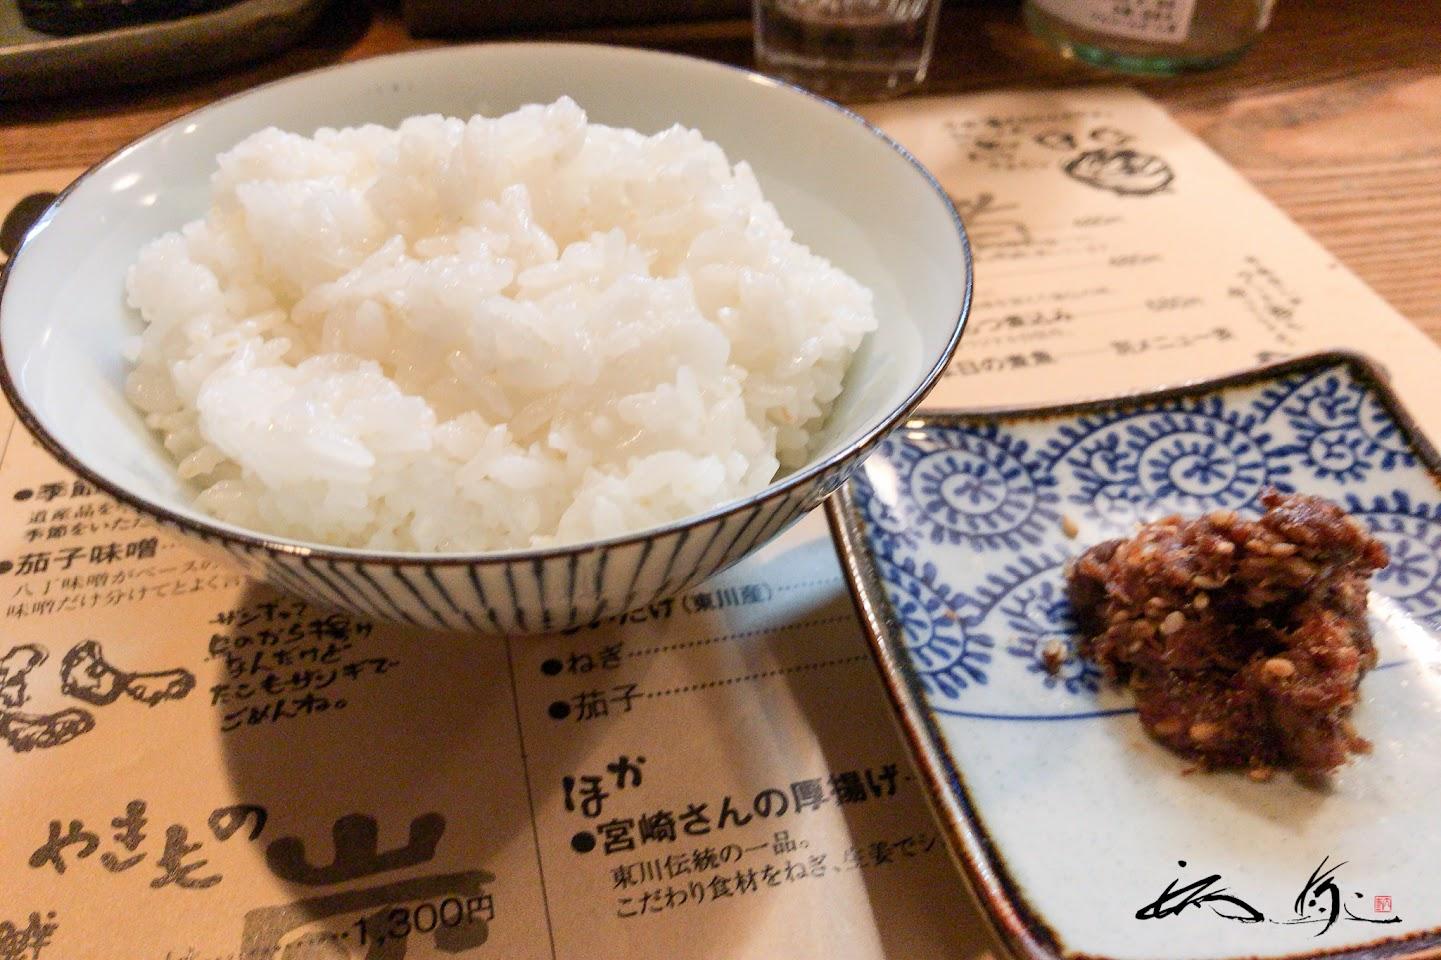 ご飯:東川産ほしのゆめ、ゆめぴりか